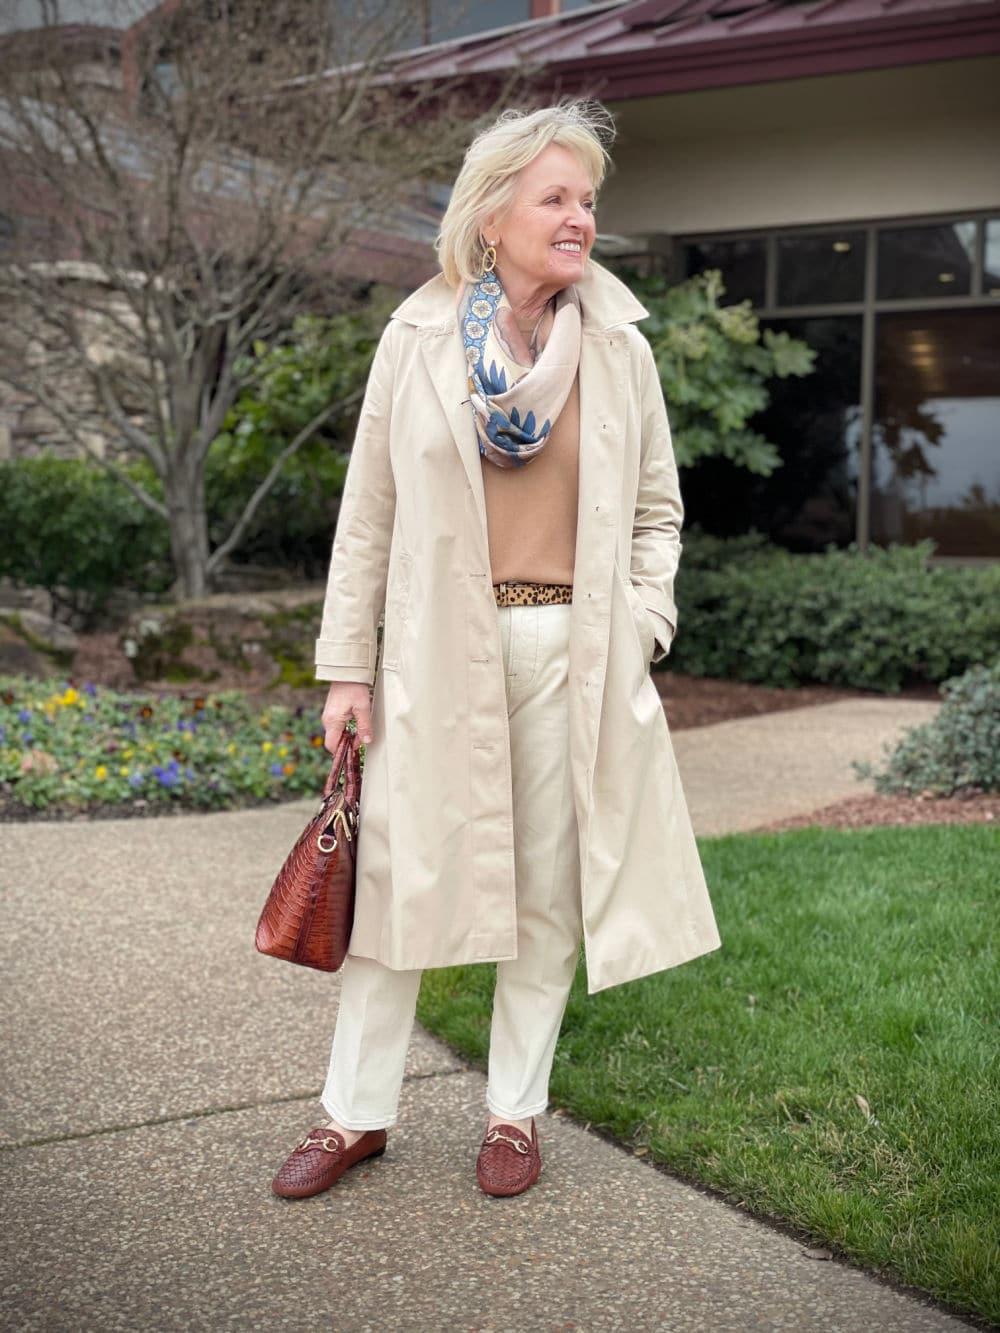 neutral outfit worn under beige raincoat